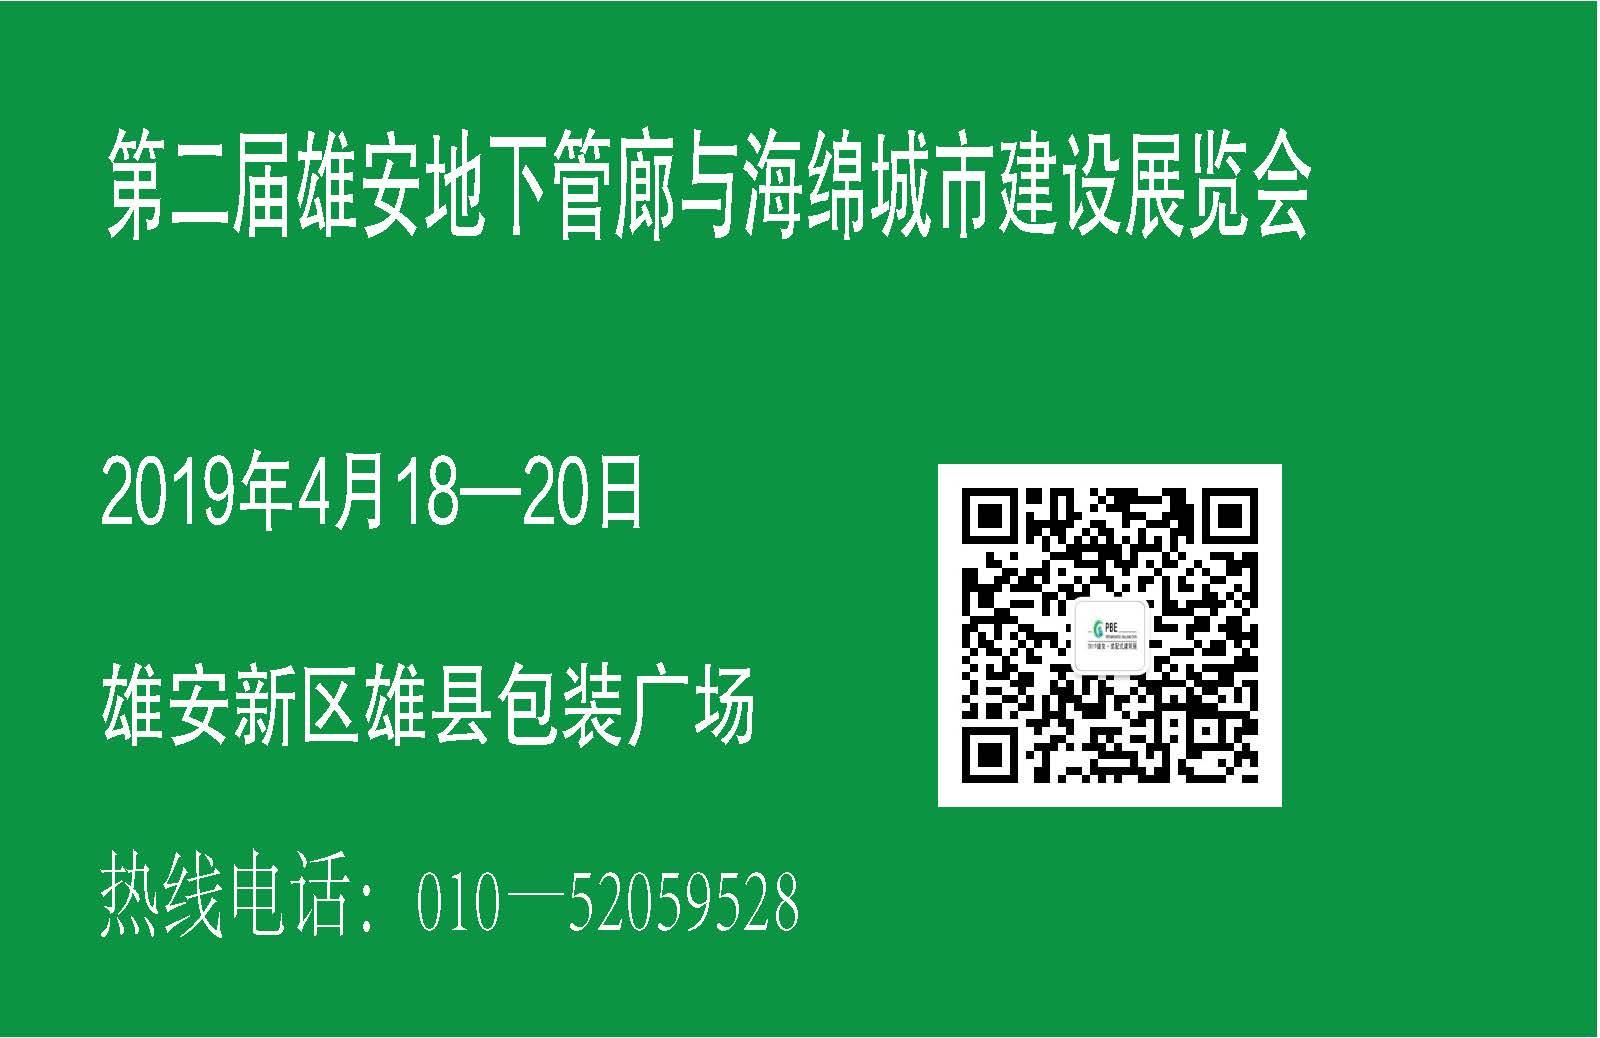 第二届雄安→地下管廊与海绵城市建设展览会